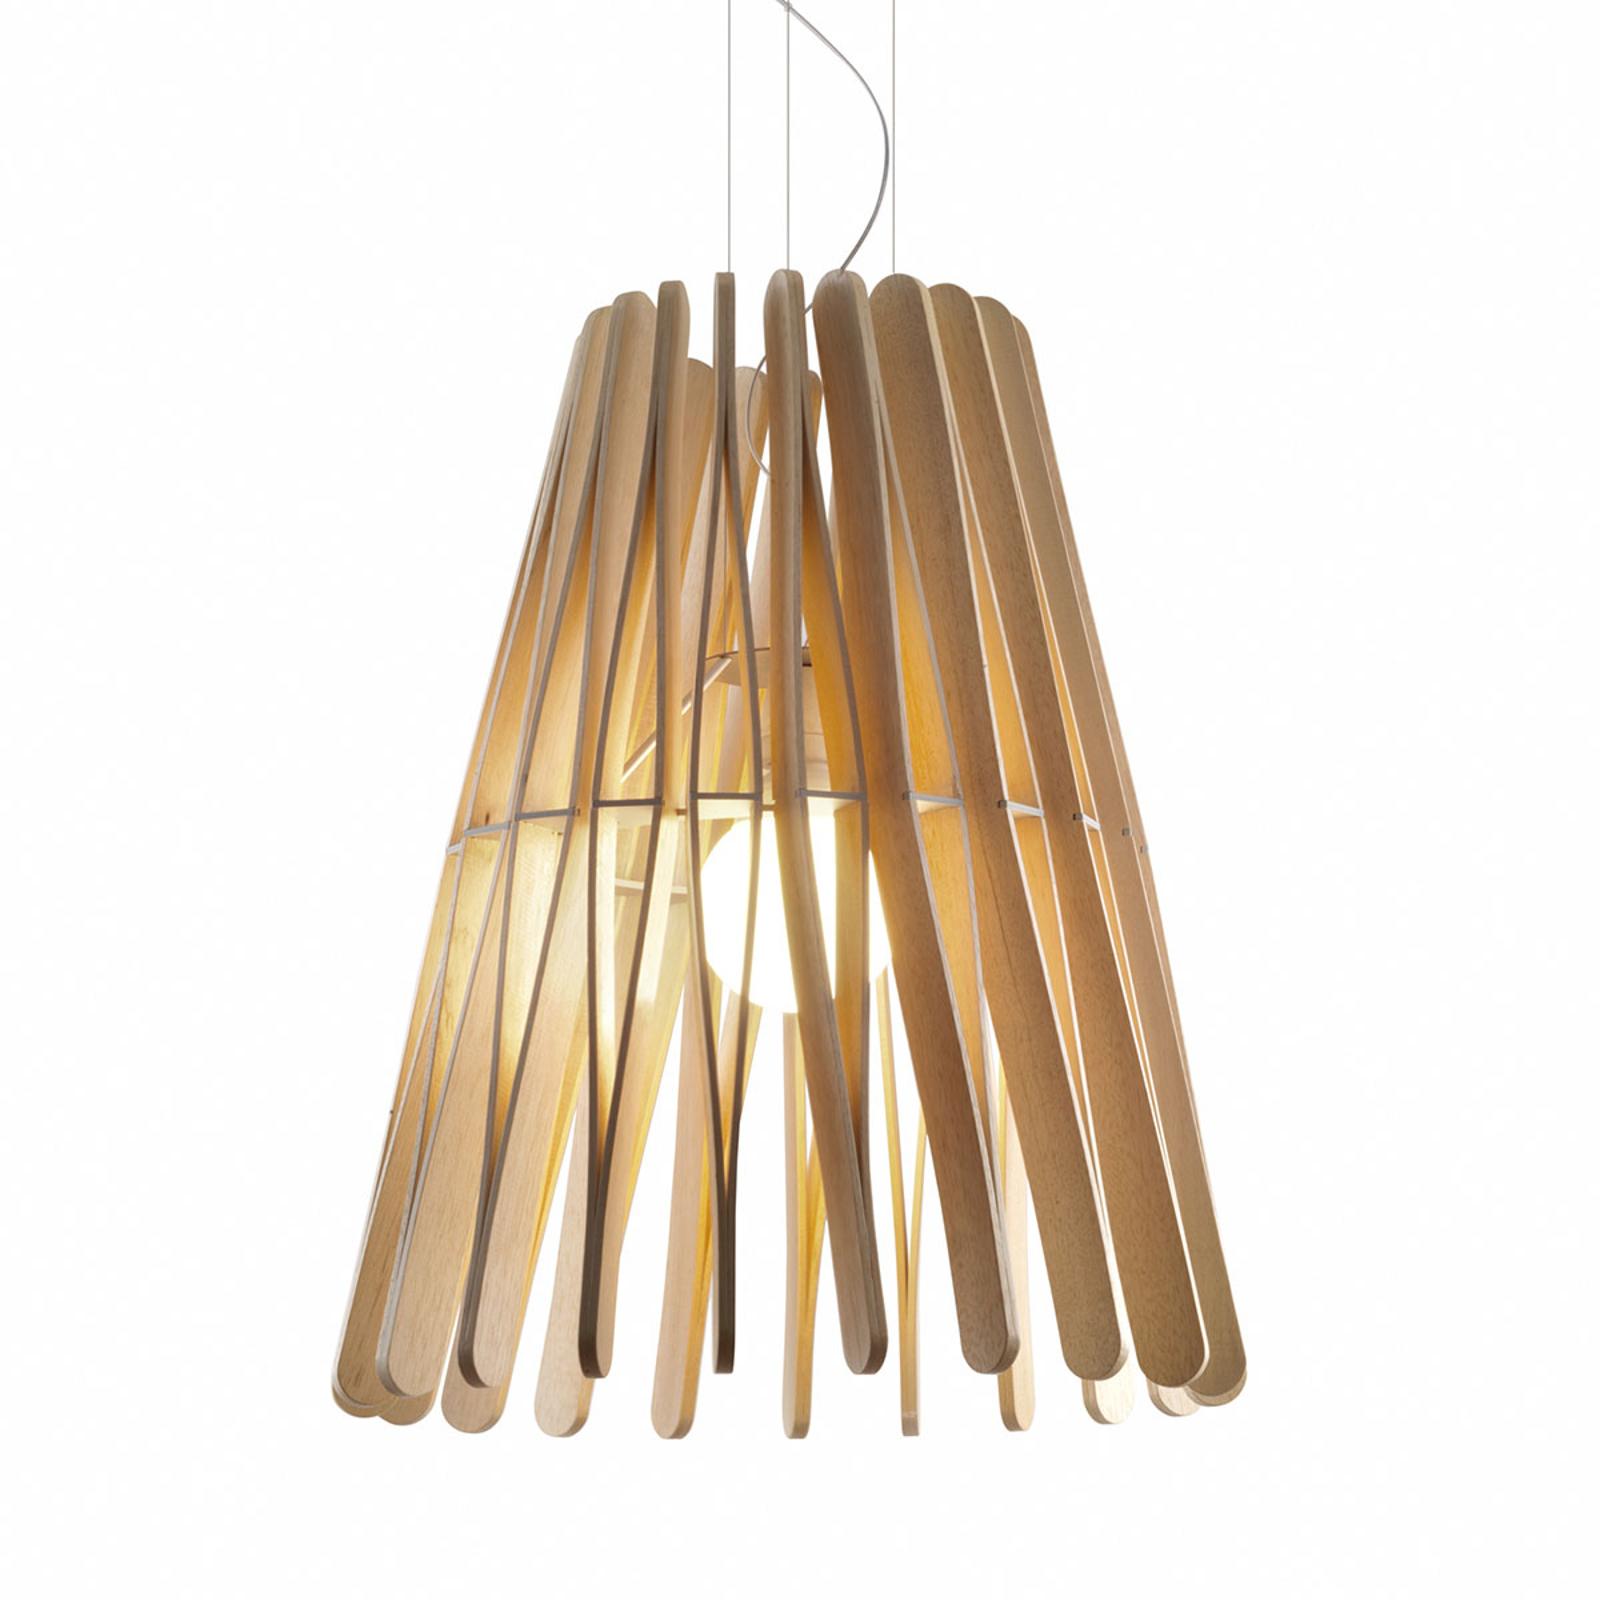 Fabbian Stick hængelampe i træ, kegleformet